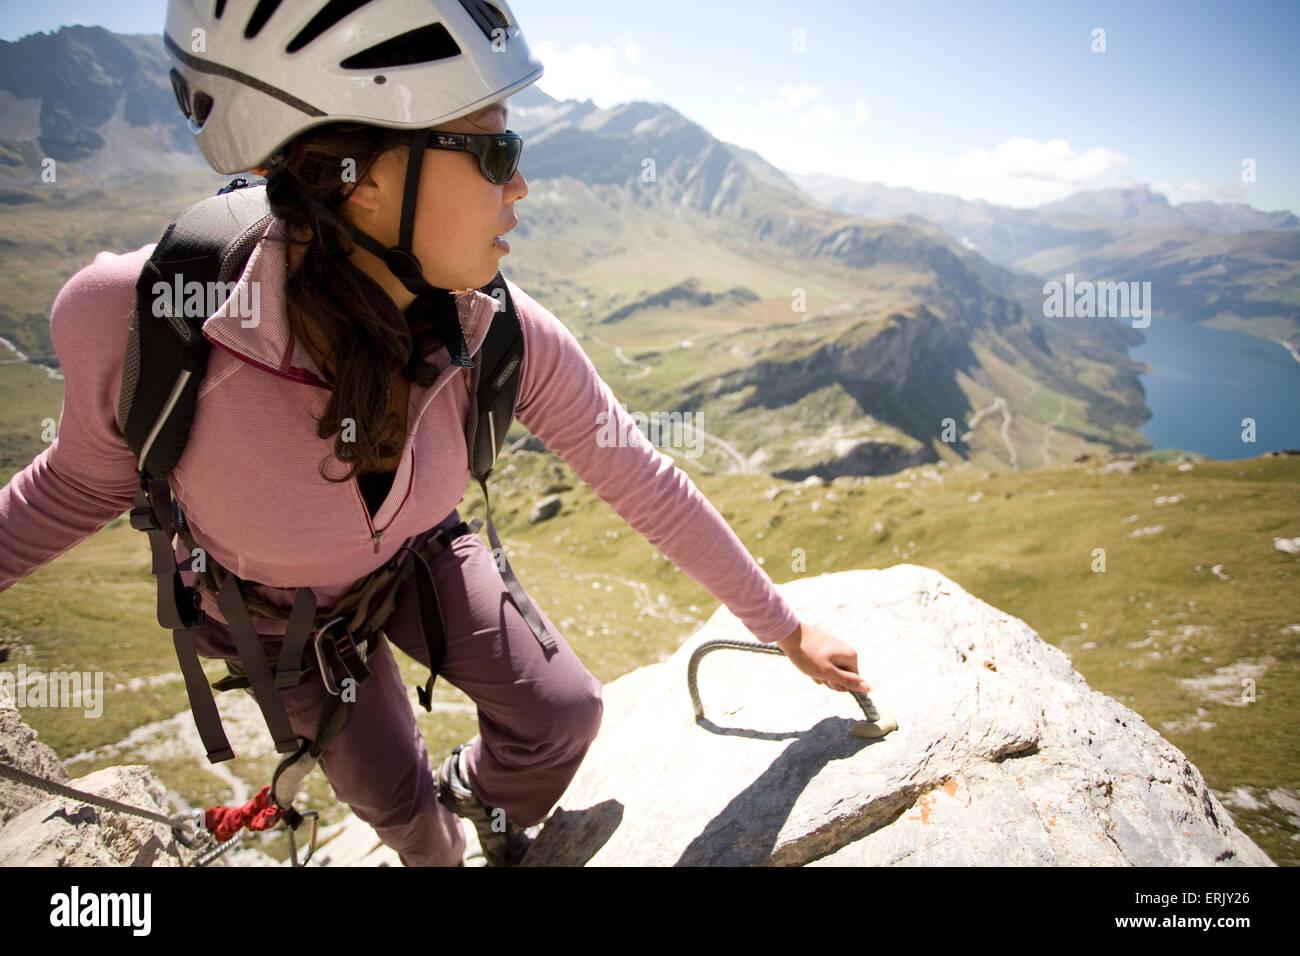 Eine junge Frau nimmt einen Moment, um die Landschaft zu genießen, während die Beteiligung an den Sport Stockbild